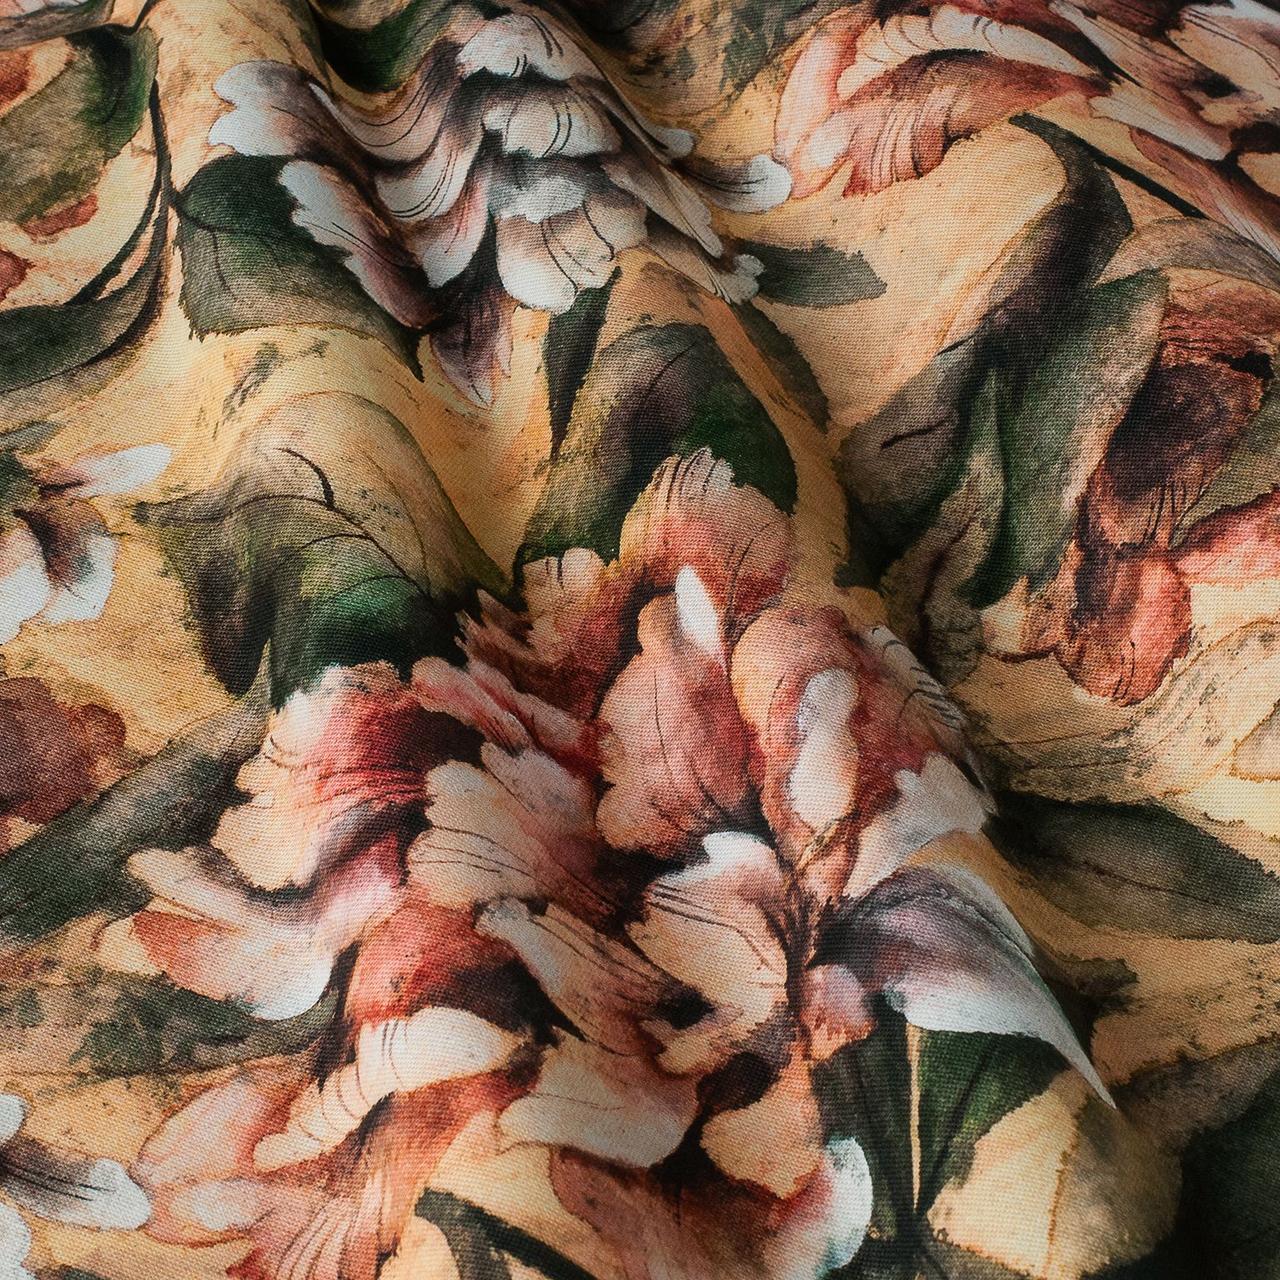 Декоративна тканина жовті і помаранчеві квіти з листям Іспанія 87870v1